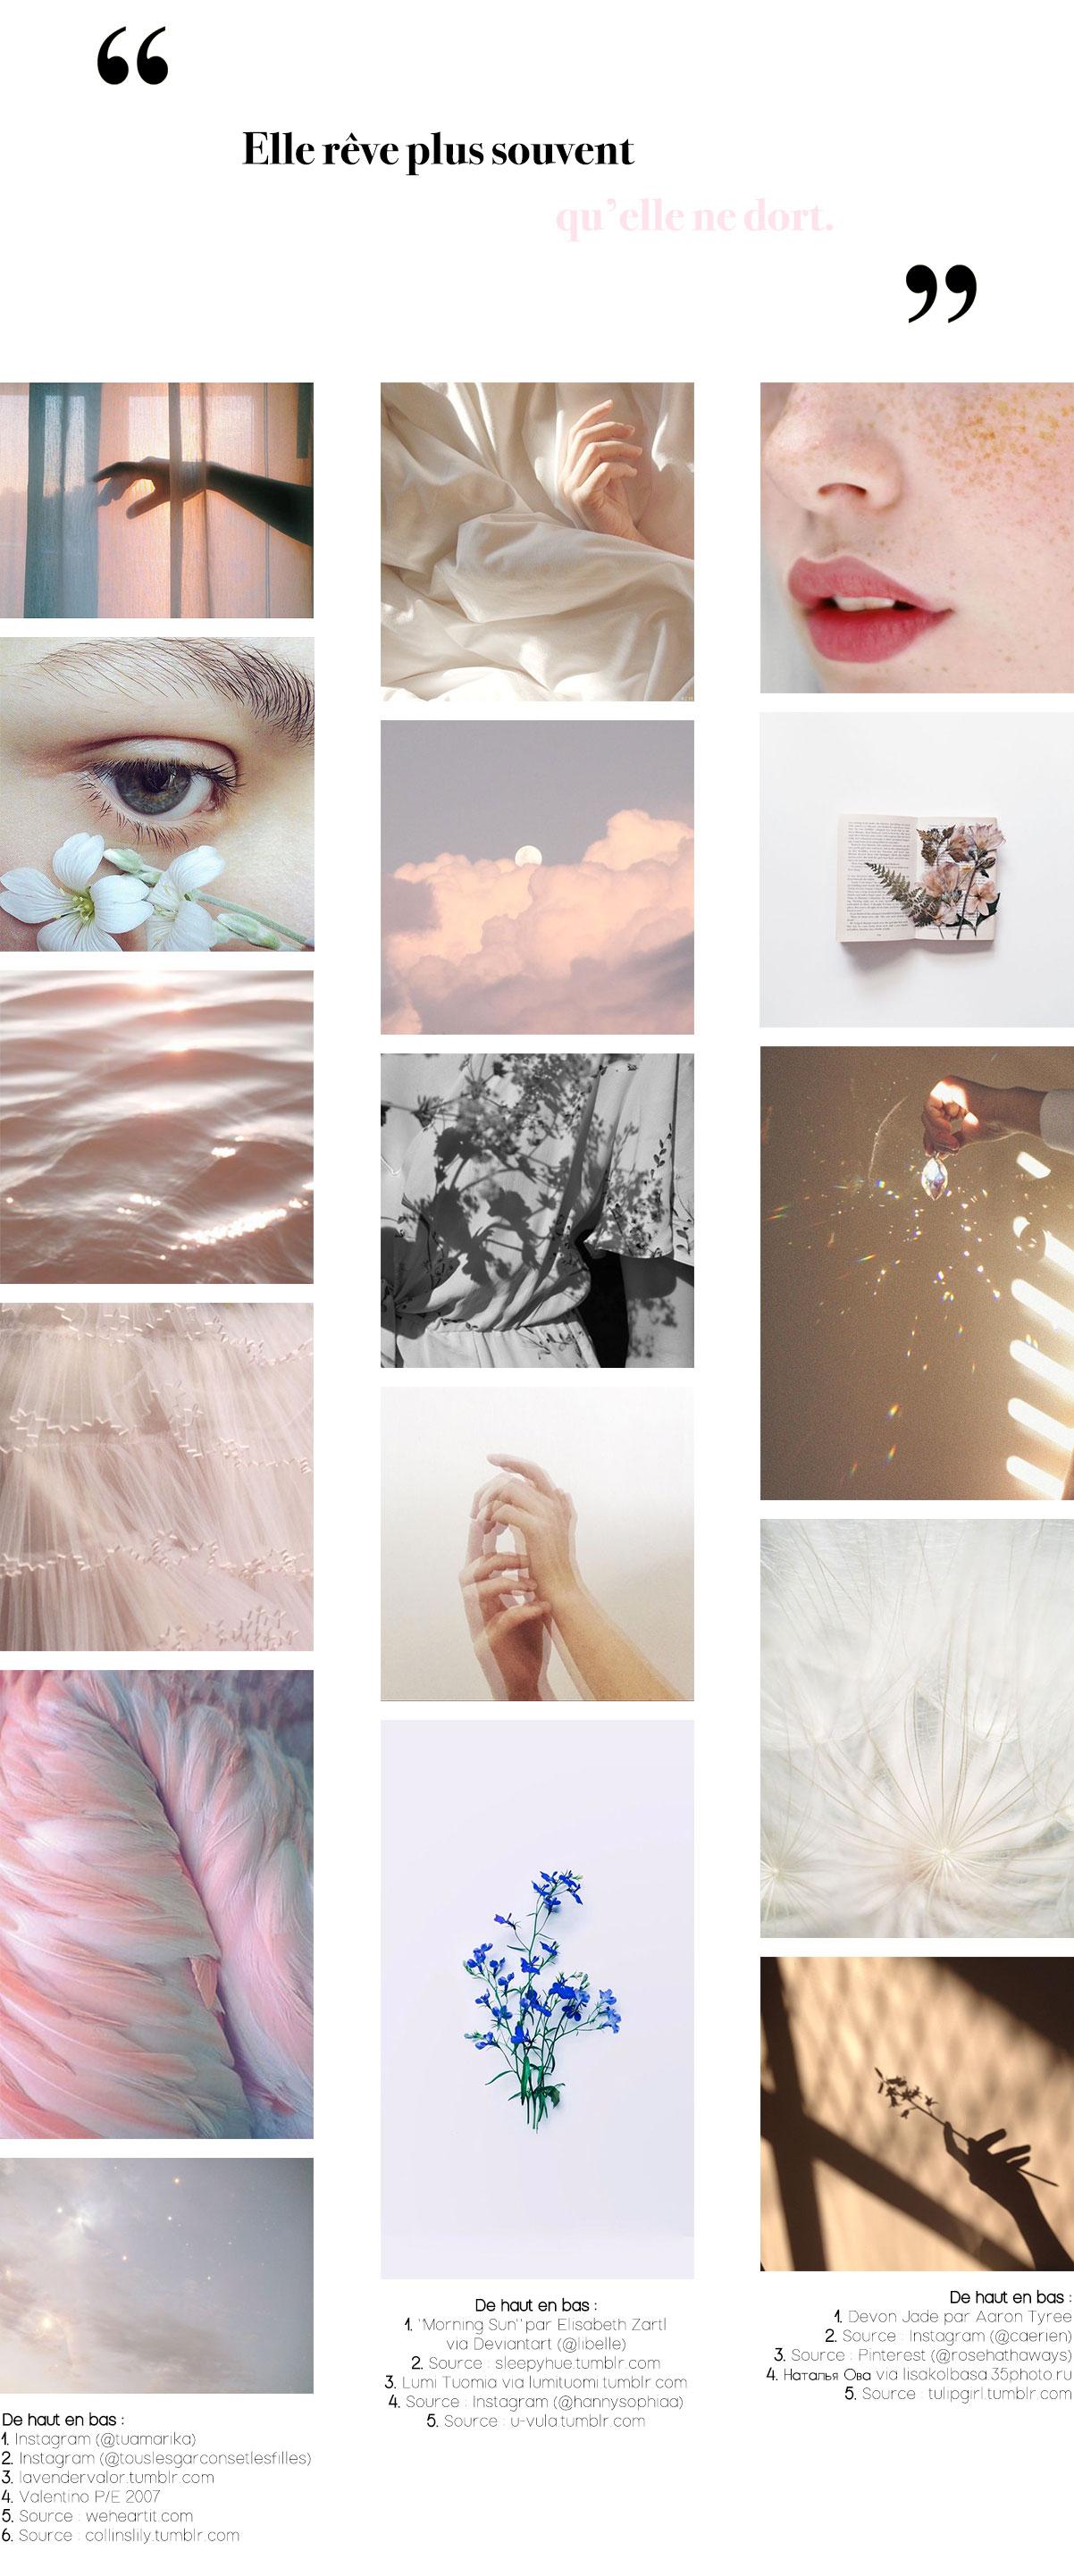 Moodboard des Inspirations Pinterest #7 : De la poésie et des rêveries